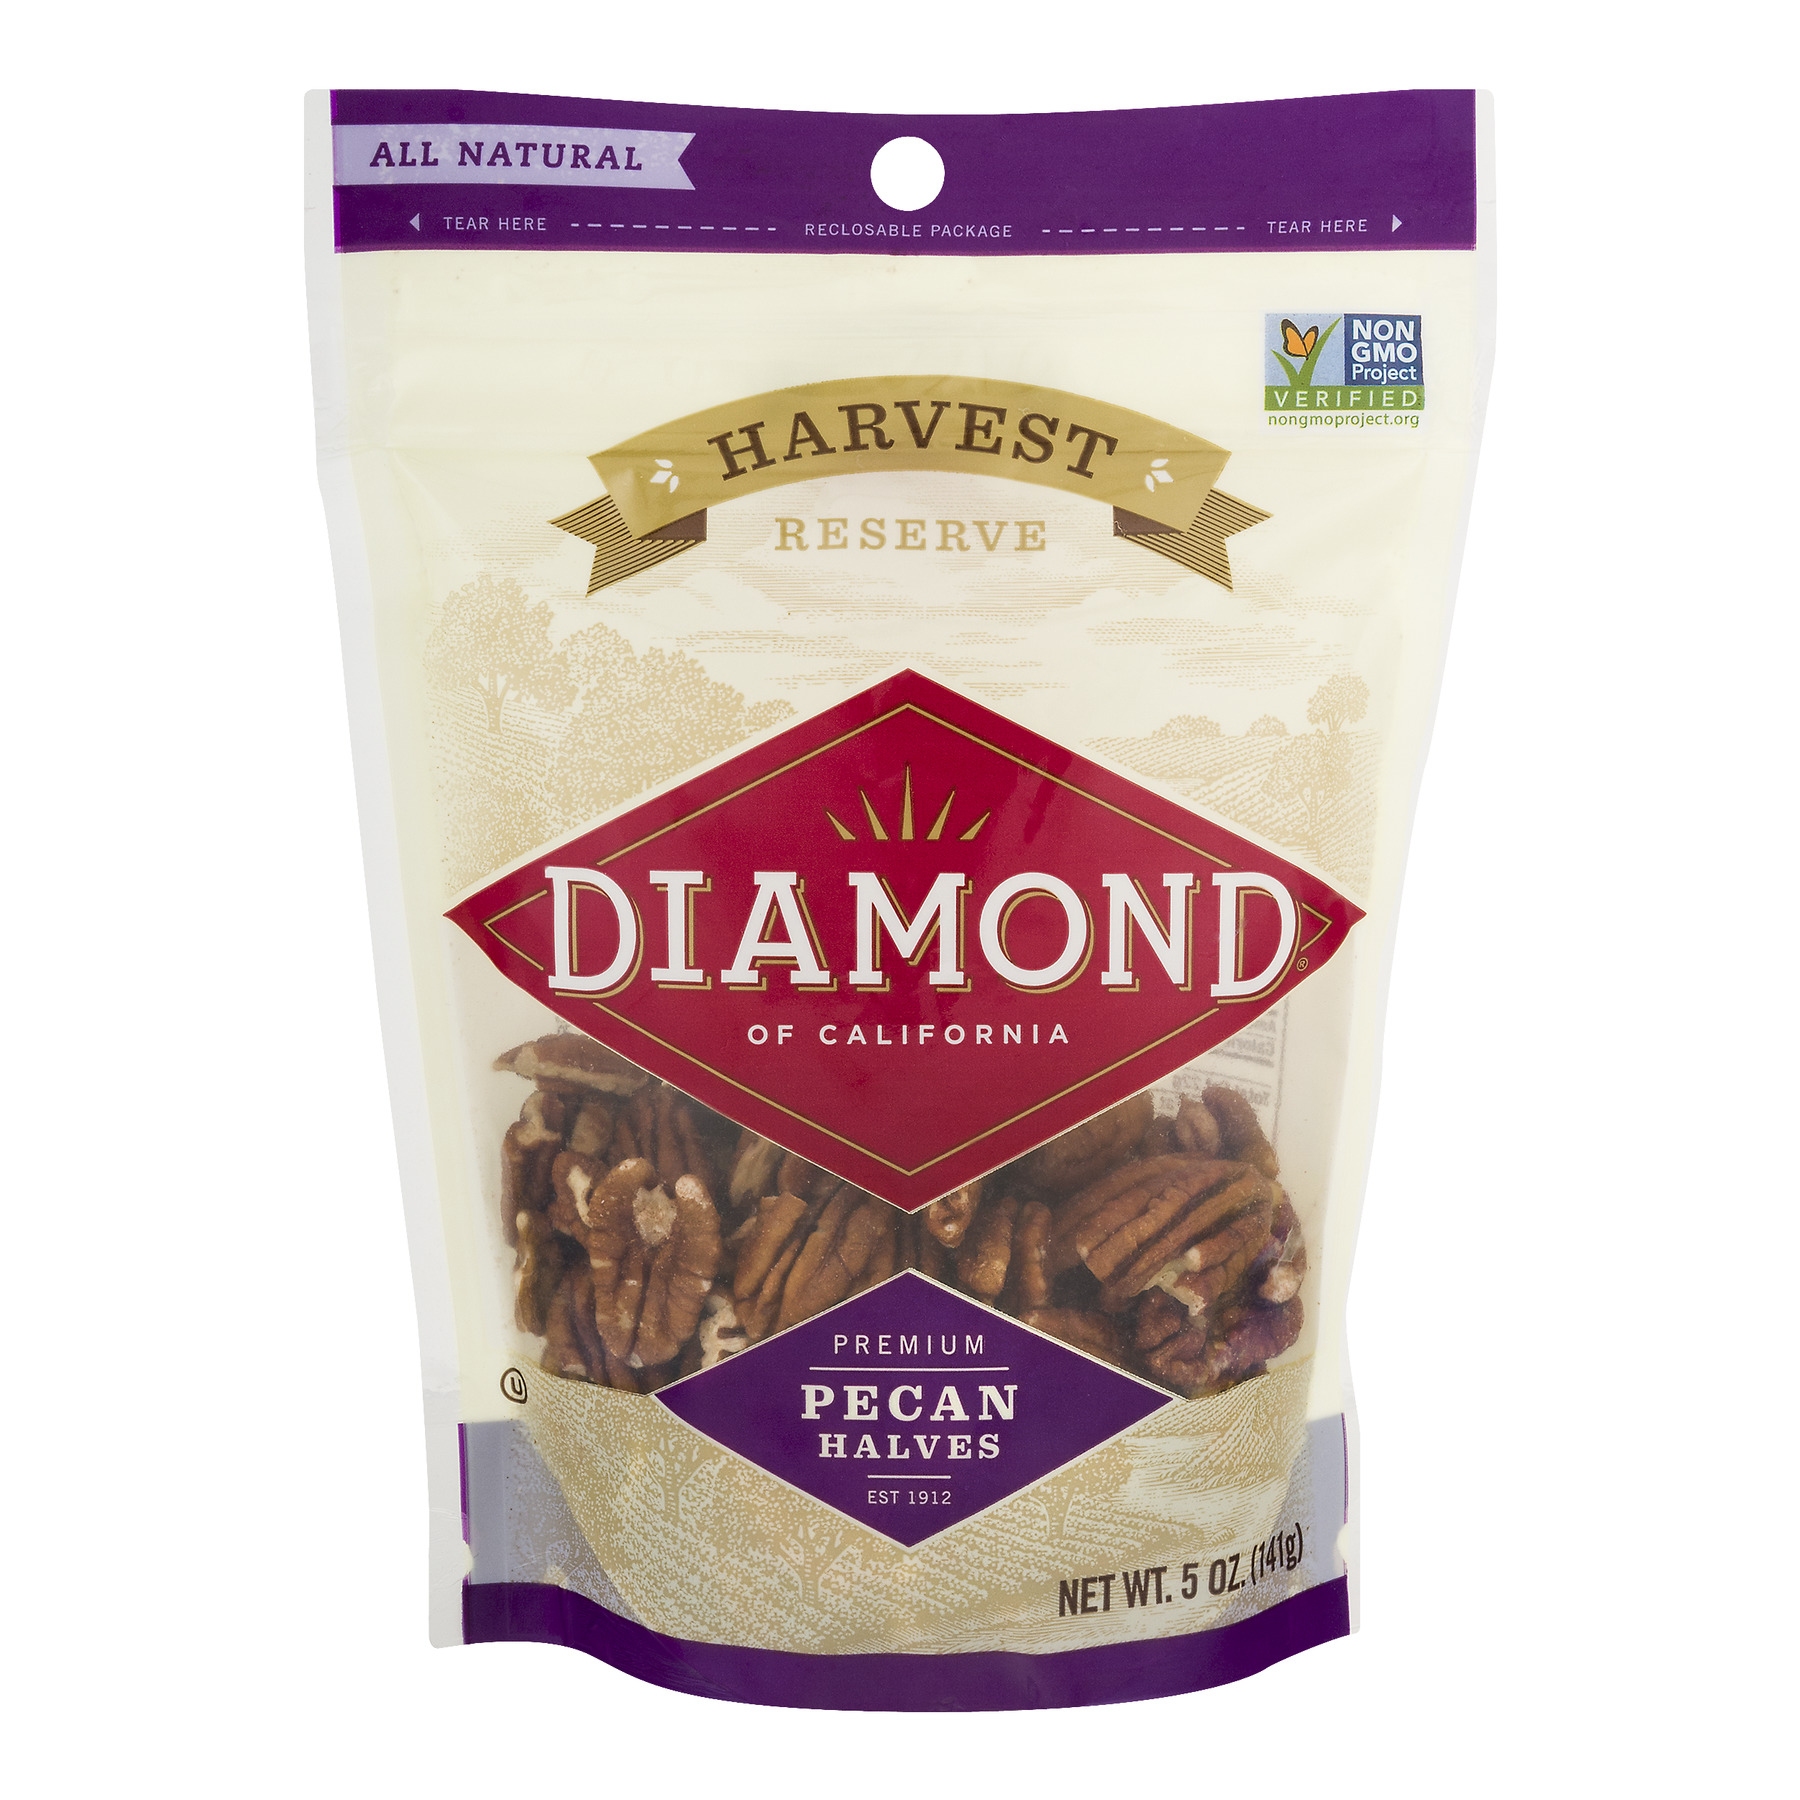 (2 Pack) Diamond of California Harvest Reserve Premium Pecan Halves, 5 oz